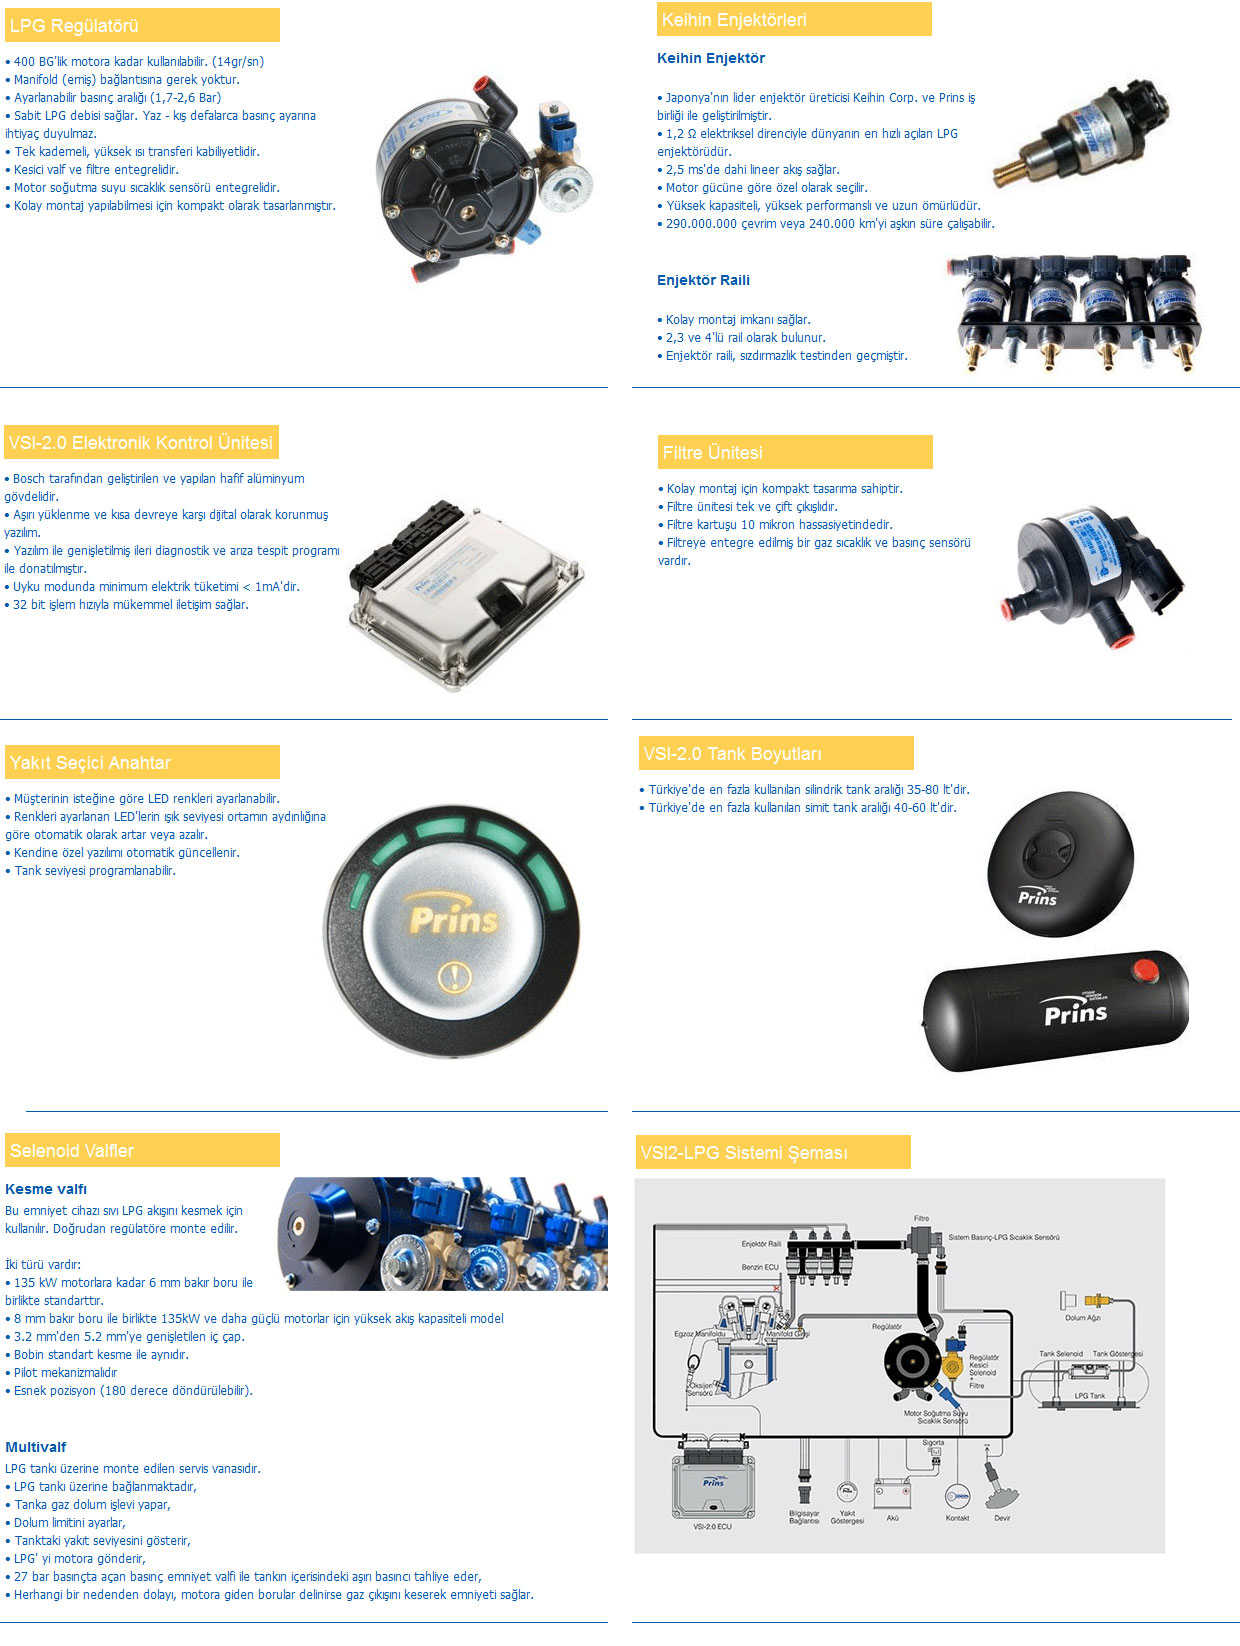 prns-vsi2-lpg-sistemi